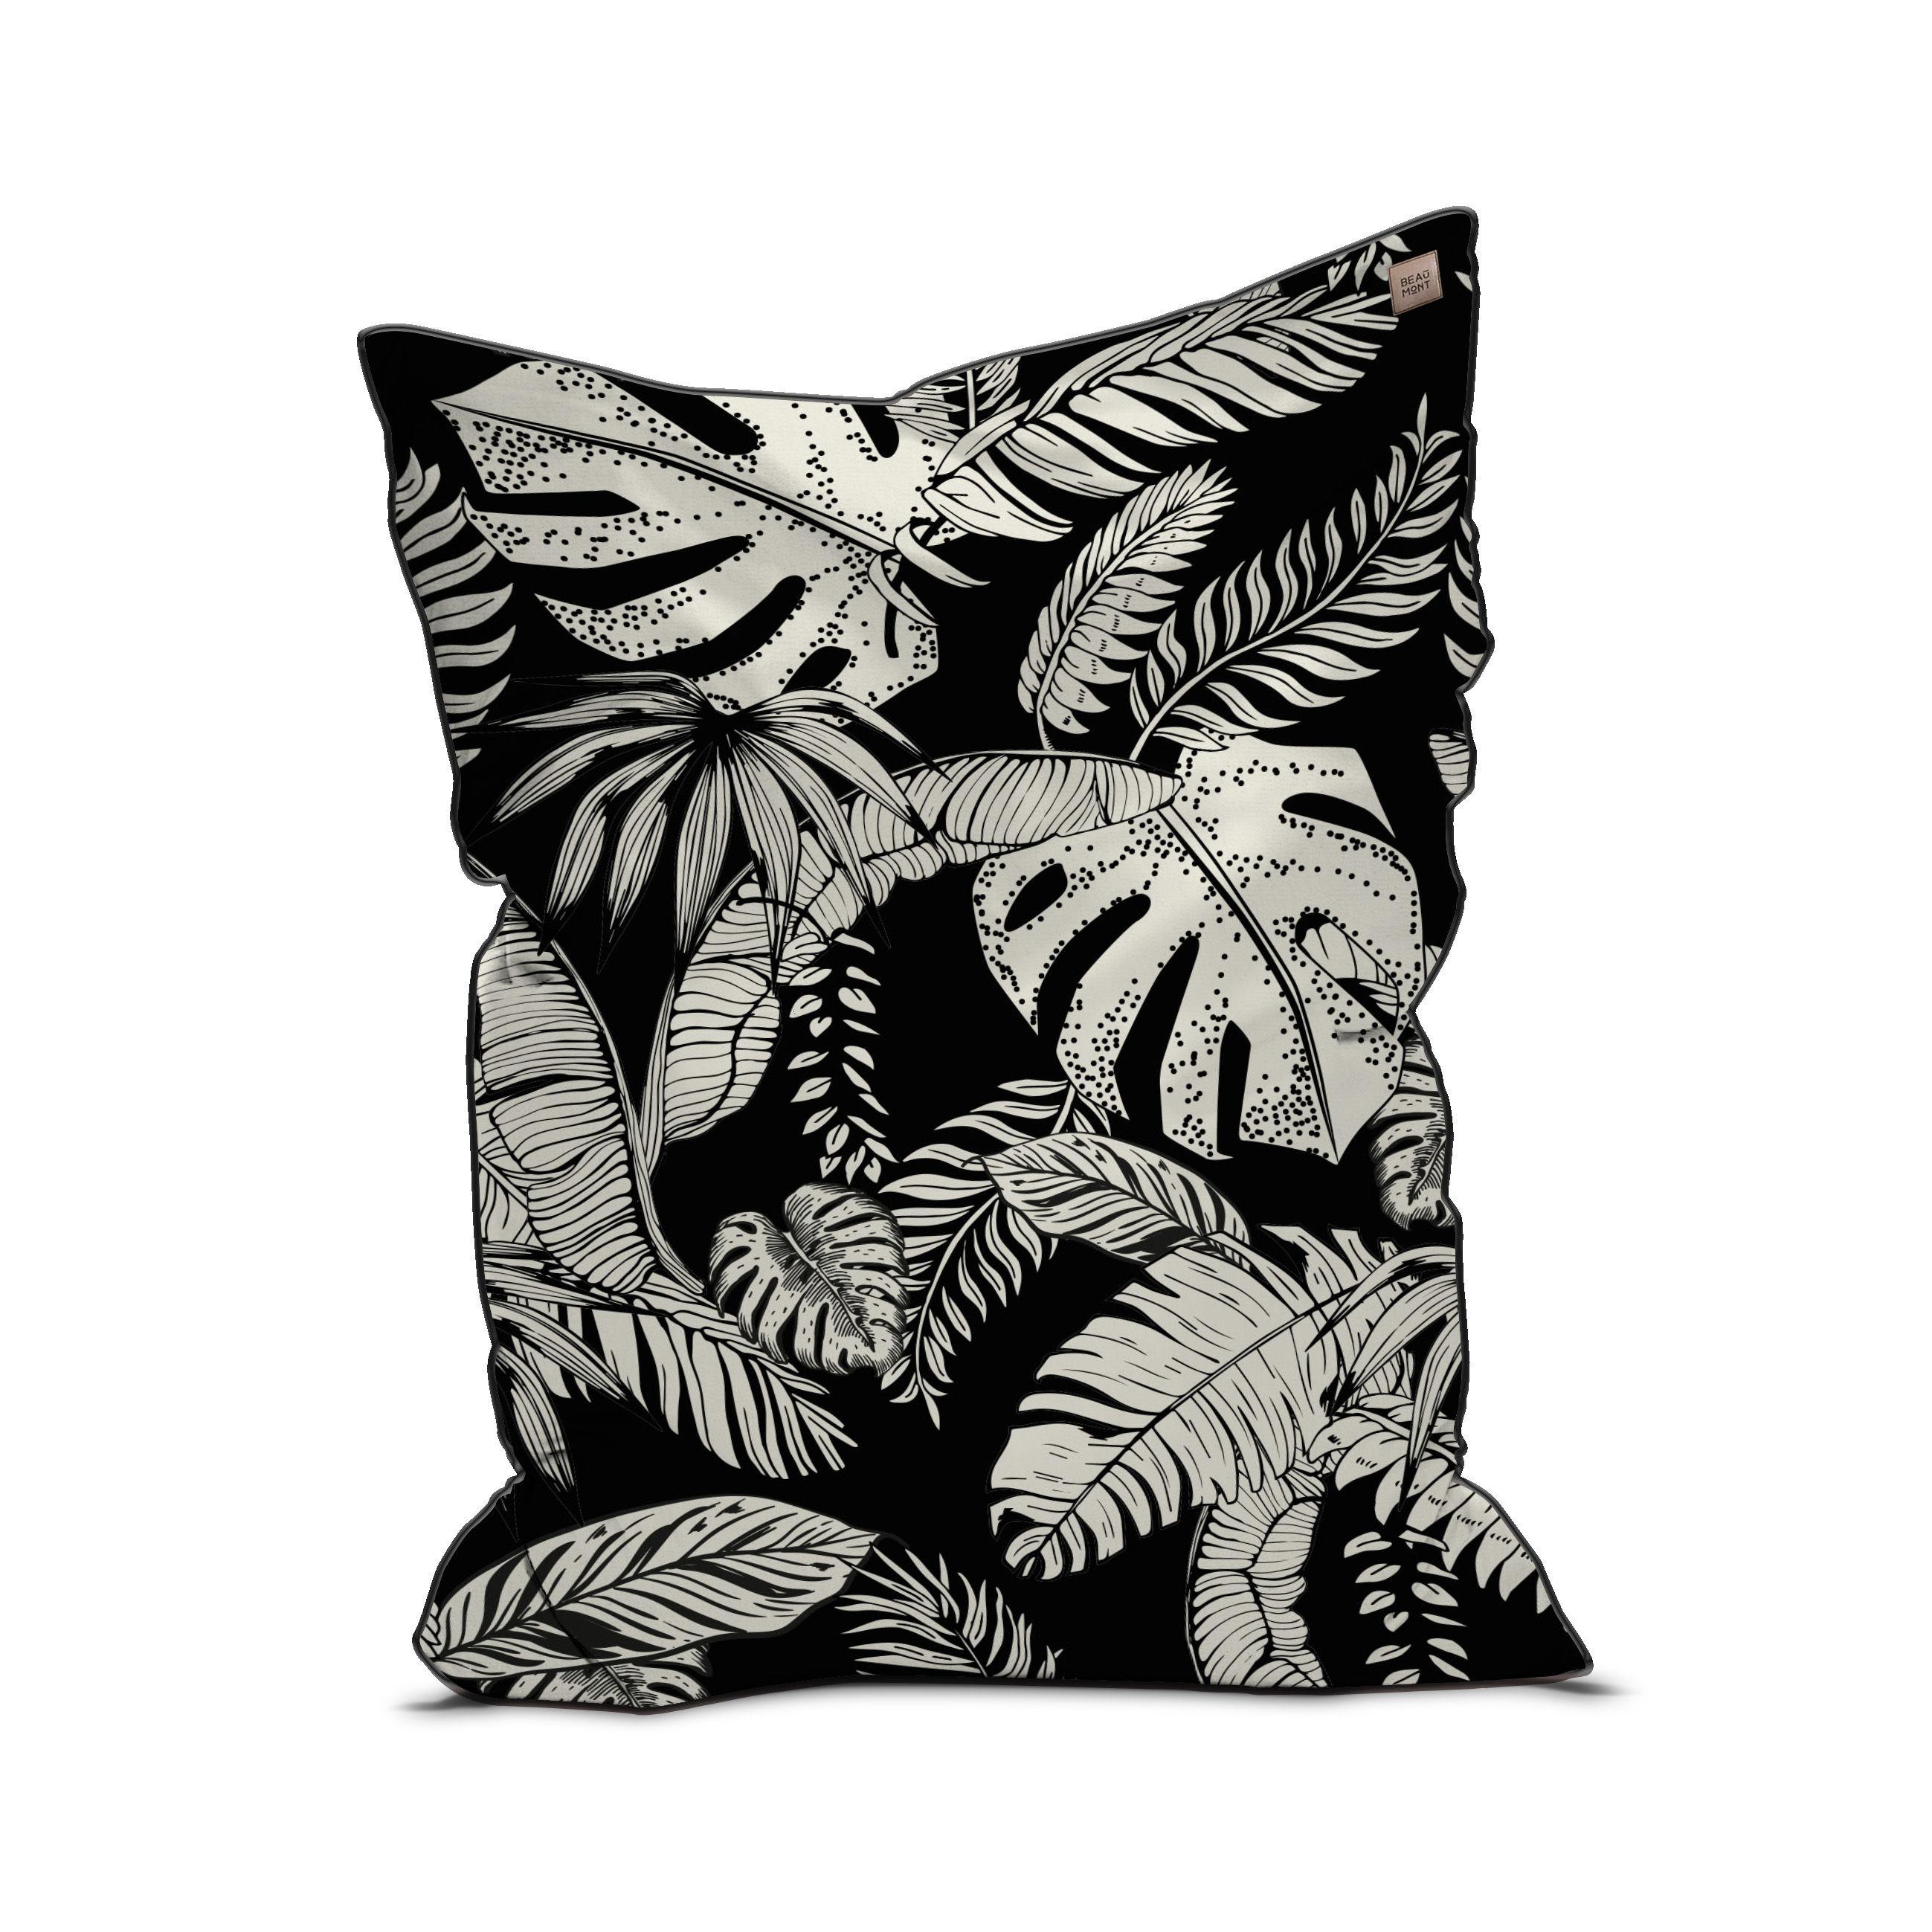 Furniture - Poufs & Floor Cushions - Botany Pouf - / Velvet - 115 x 145 cm by Beaumont - Black & White - EPS balls, Fabric, Velvet